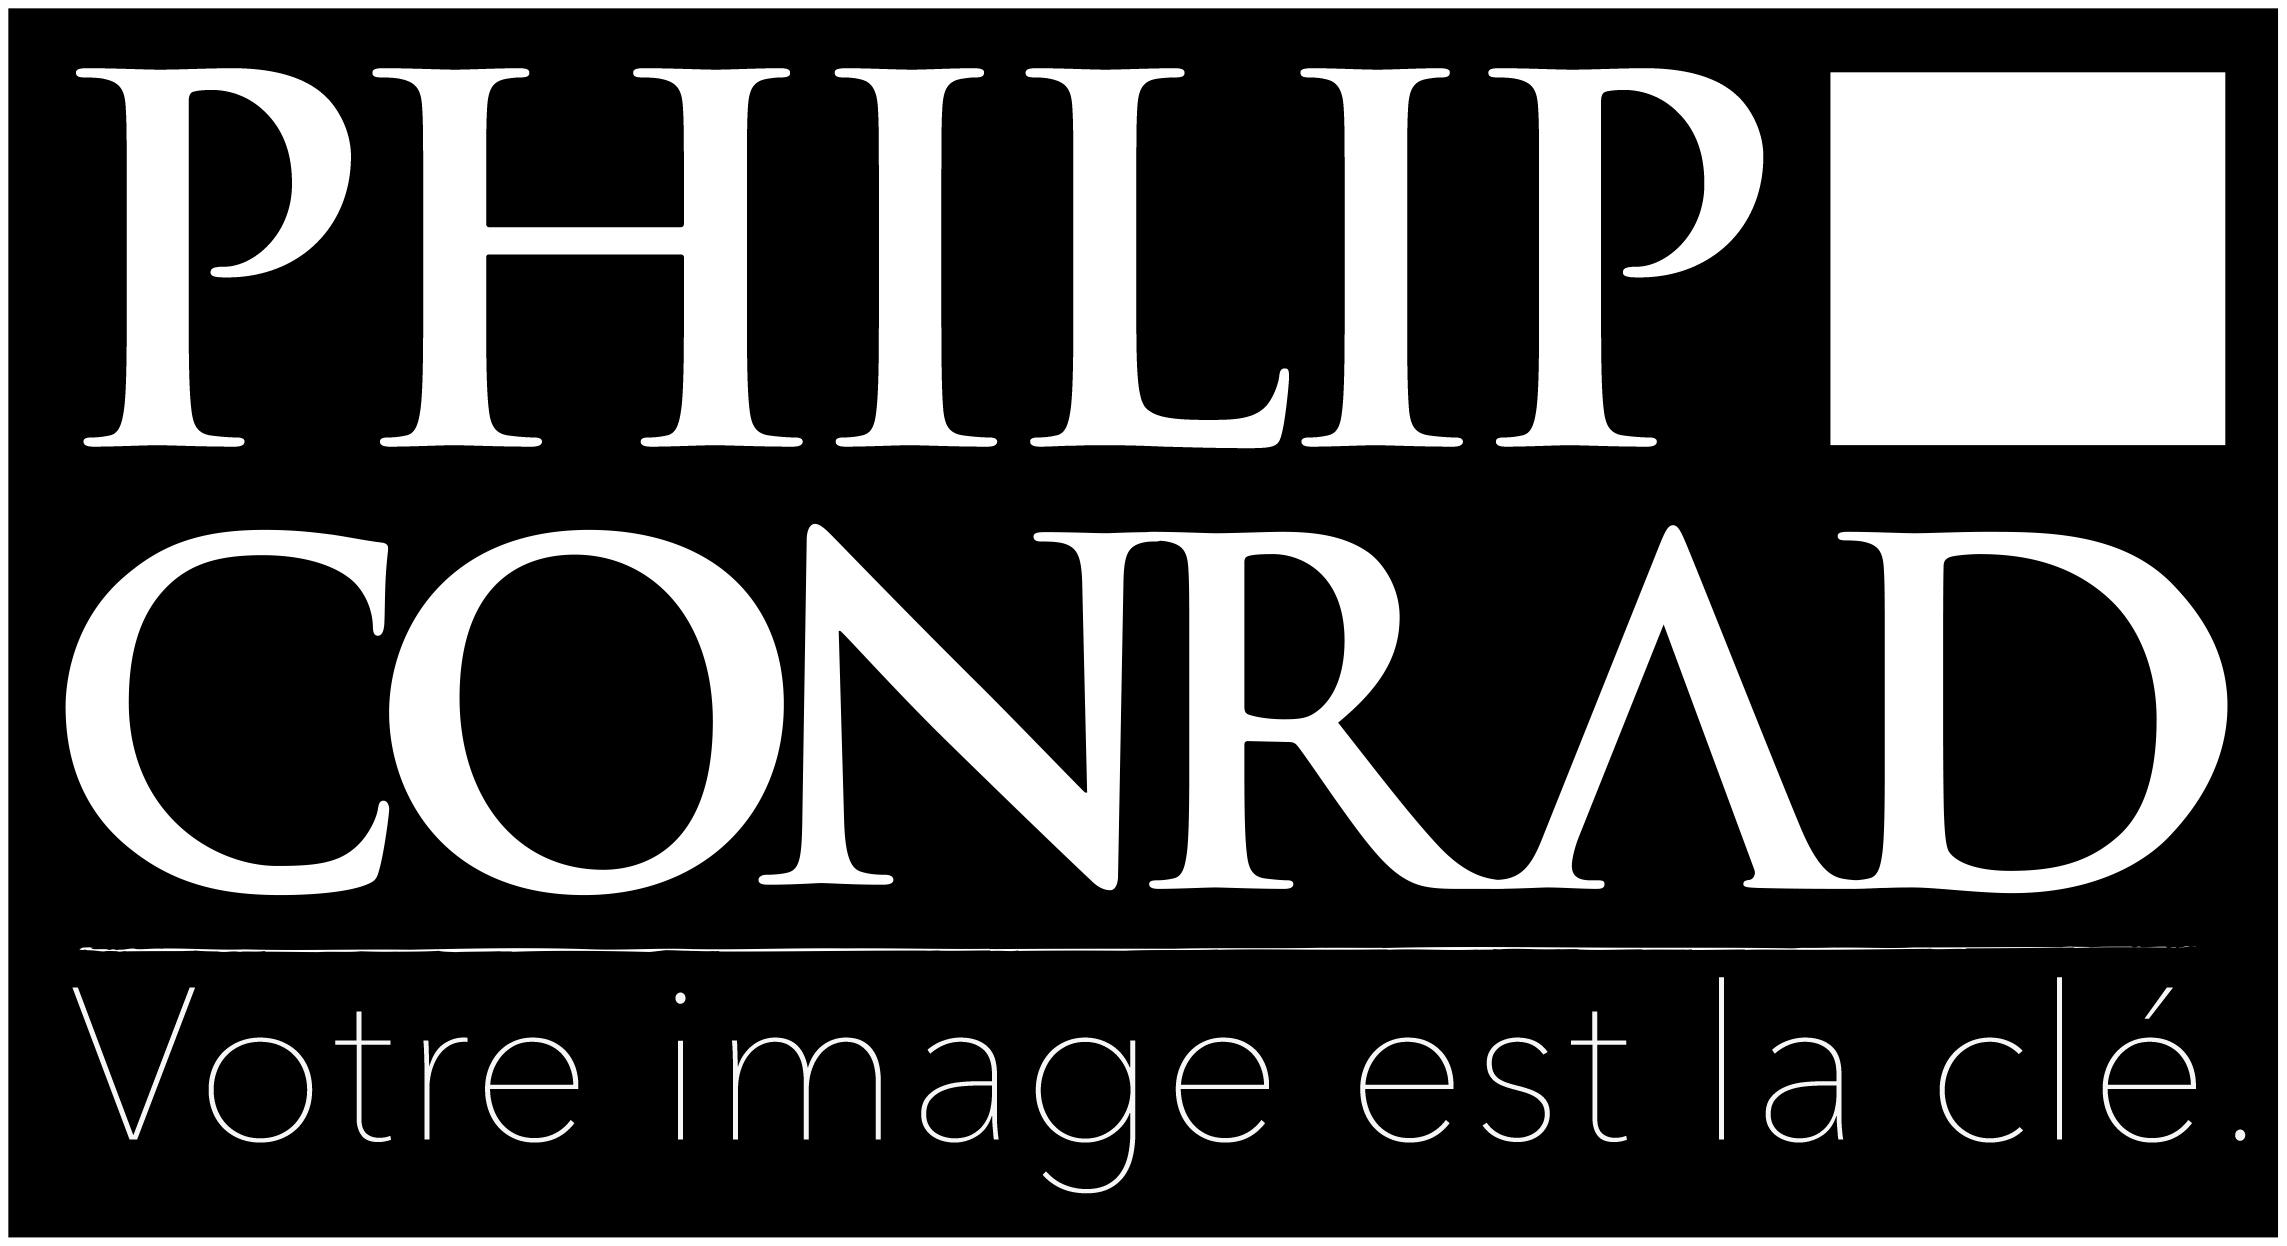 Philip Conrad